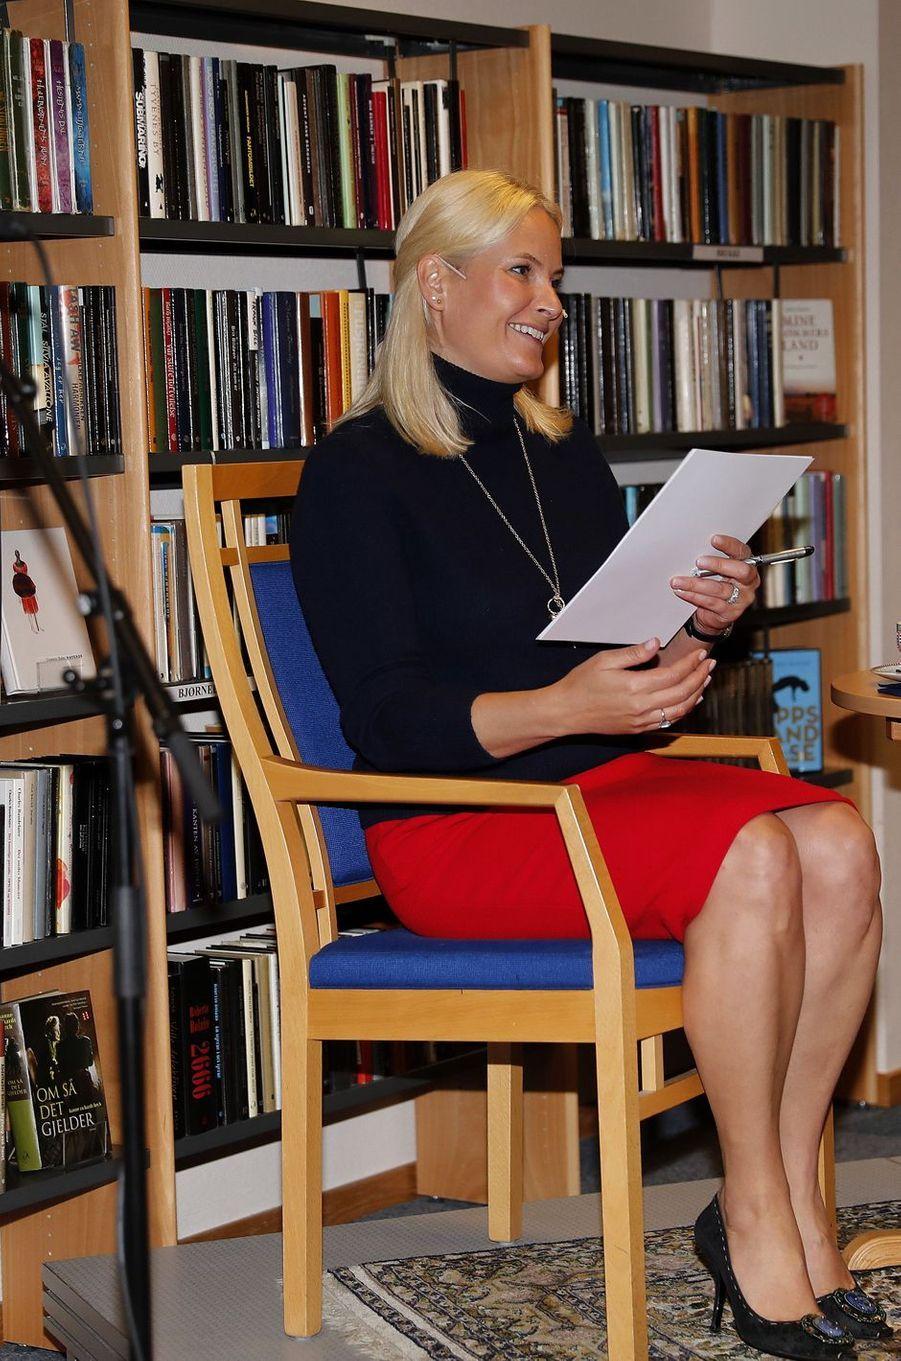 La princesse Mette-Marit de Norvège, dans le sud du pays, le 7 juin 2017